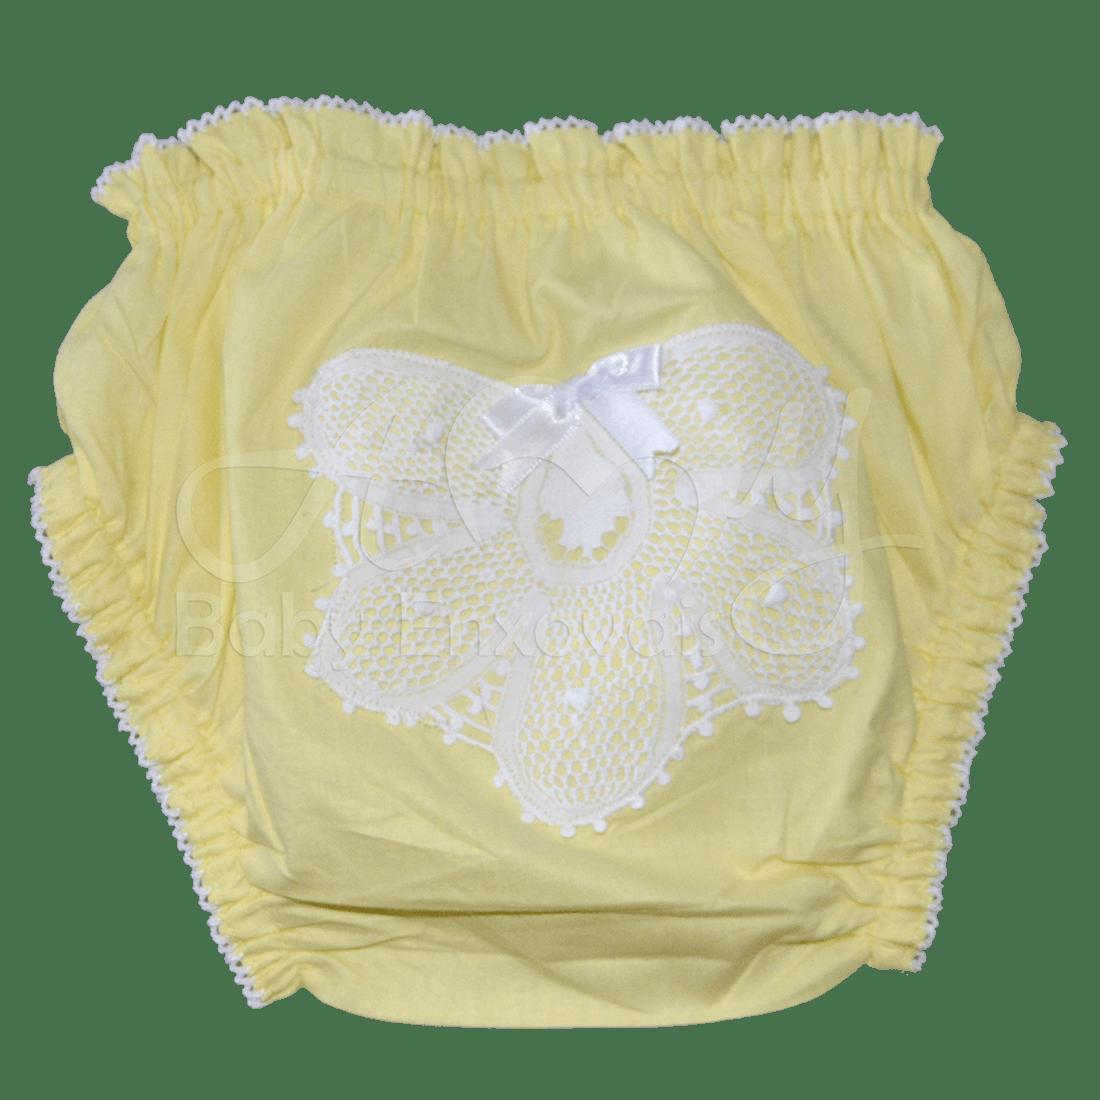 Calcinha cor amarela em renda renascença  - P e  G